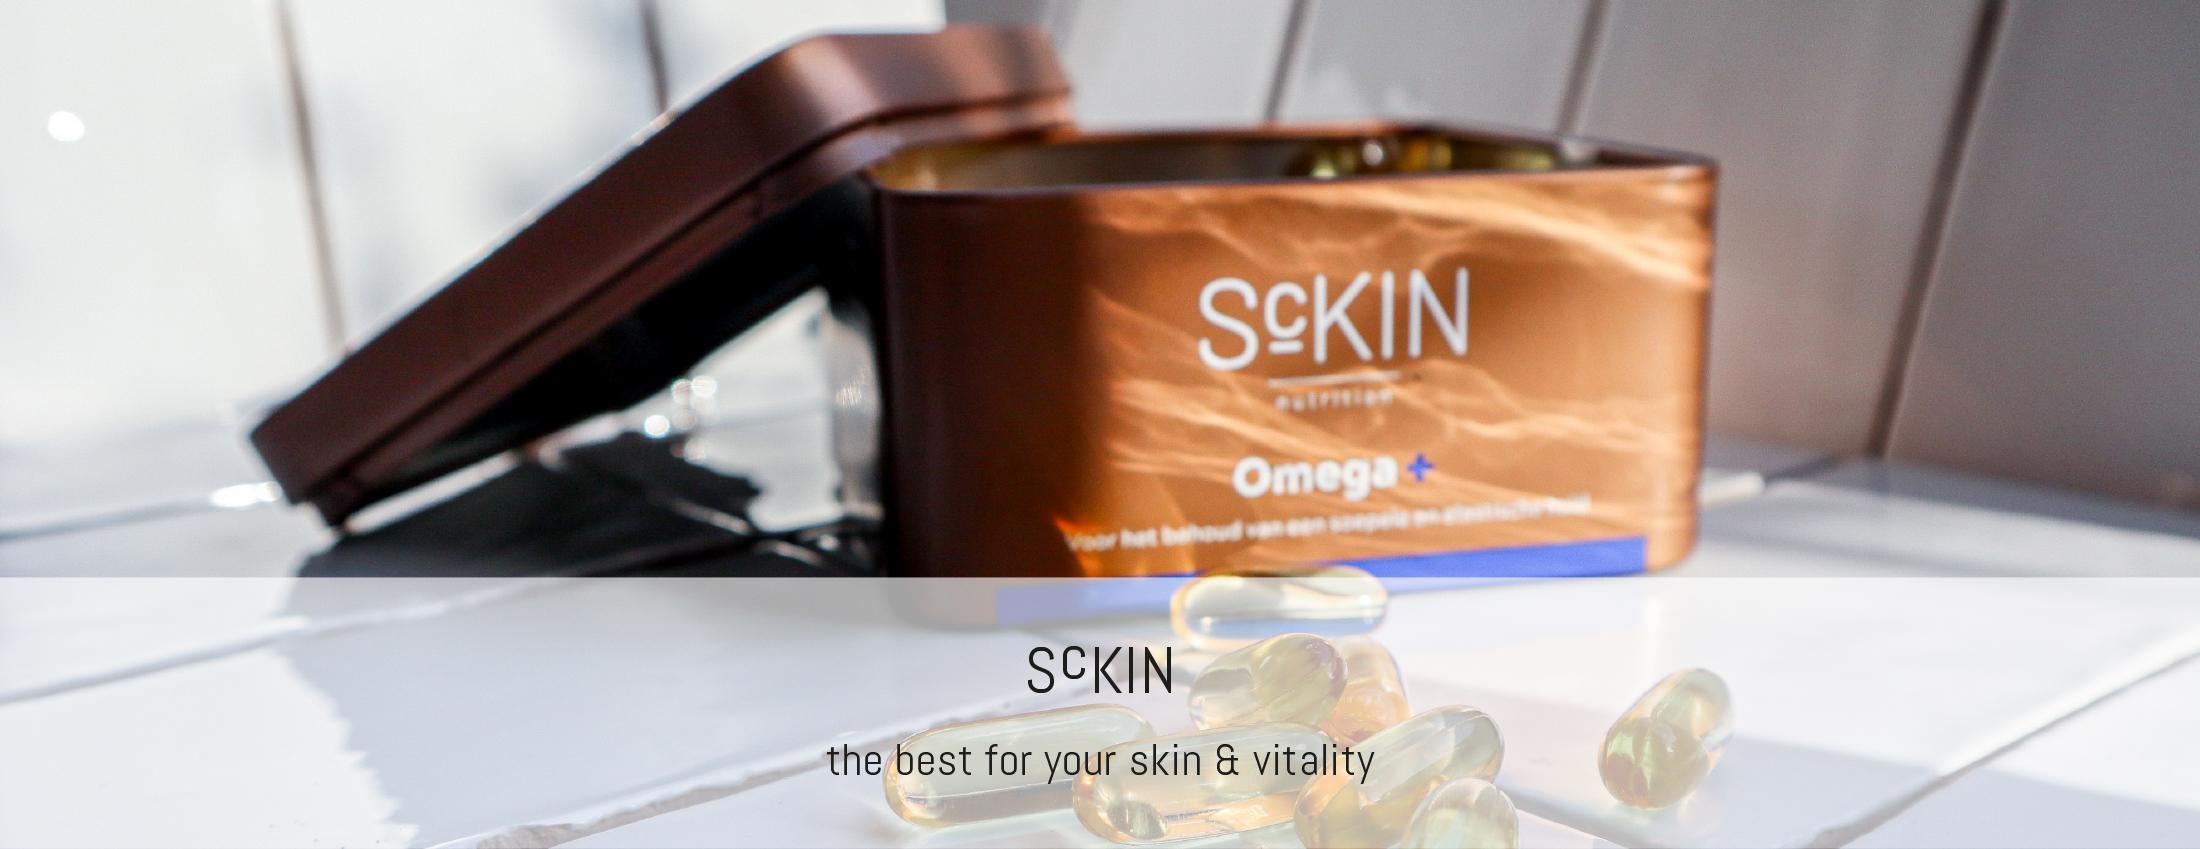 ScKIN slogan